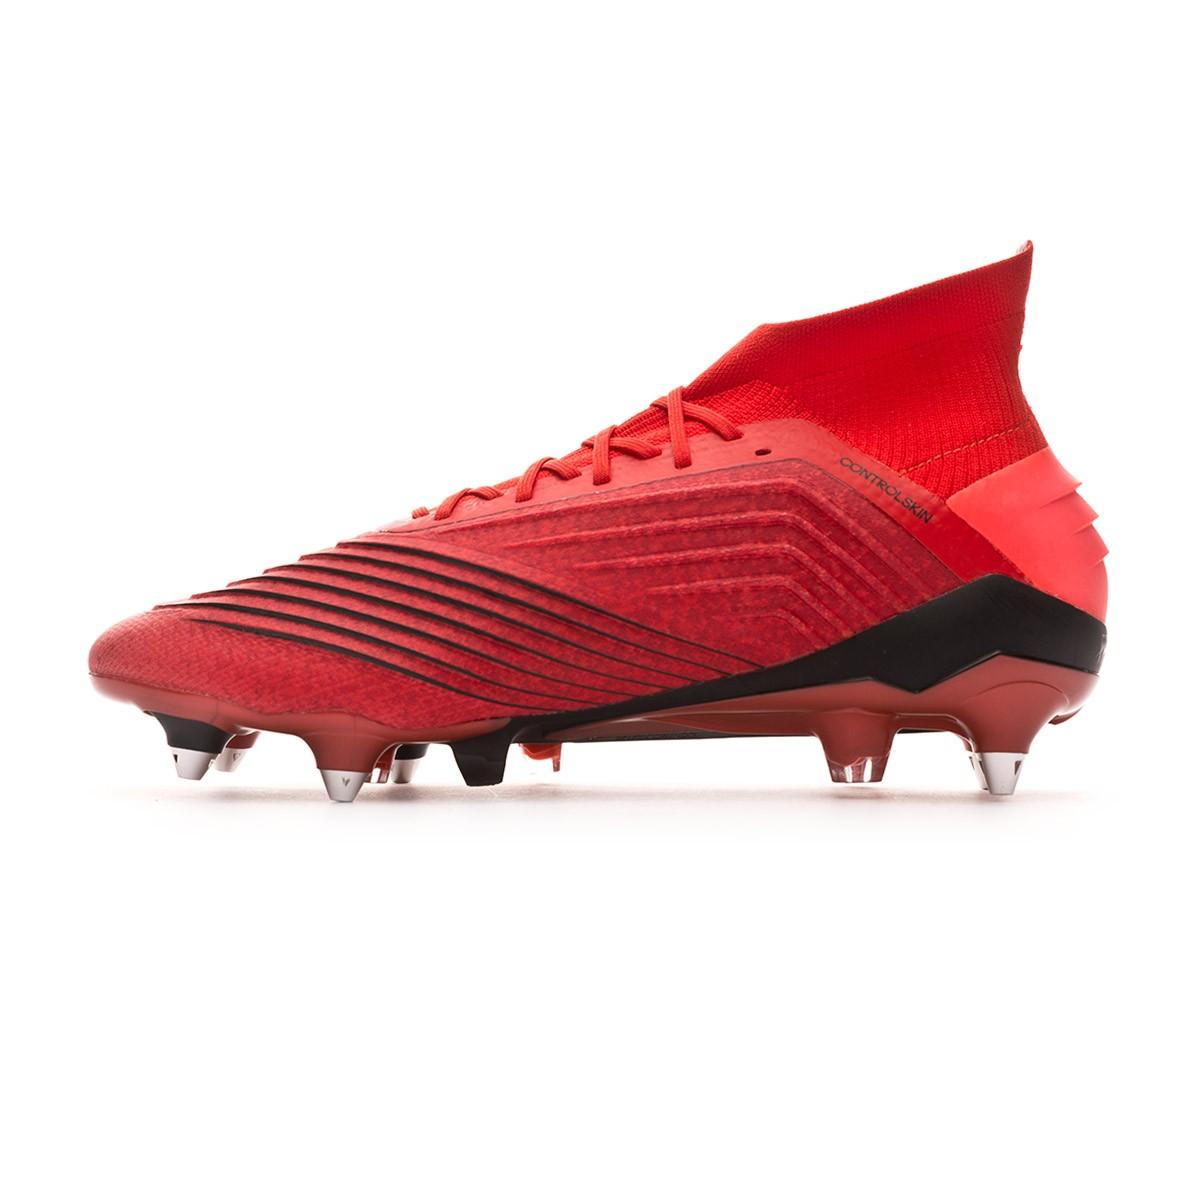 Zapatos de fútbol adidas Predator 19.1 SG